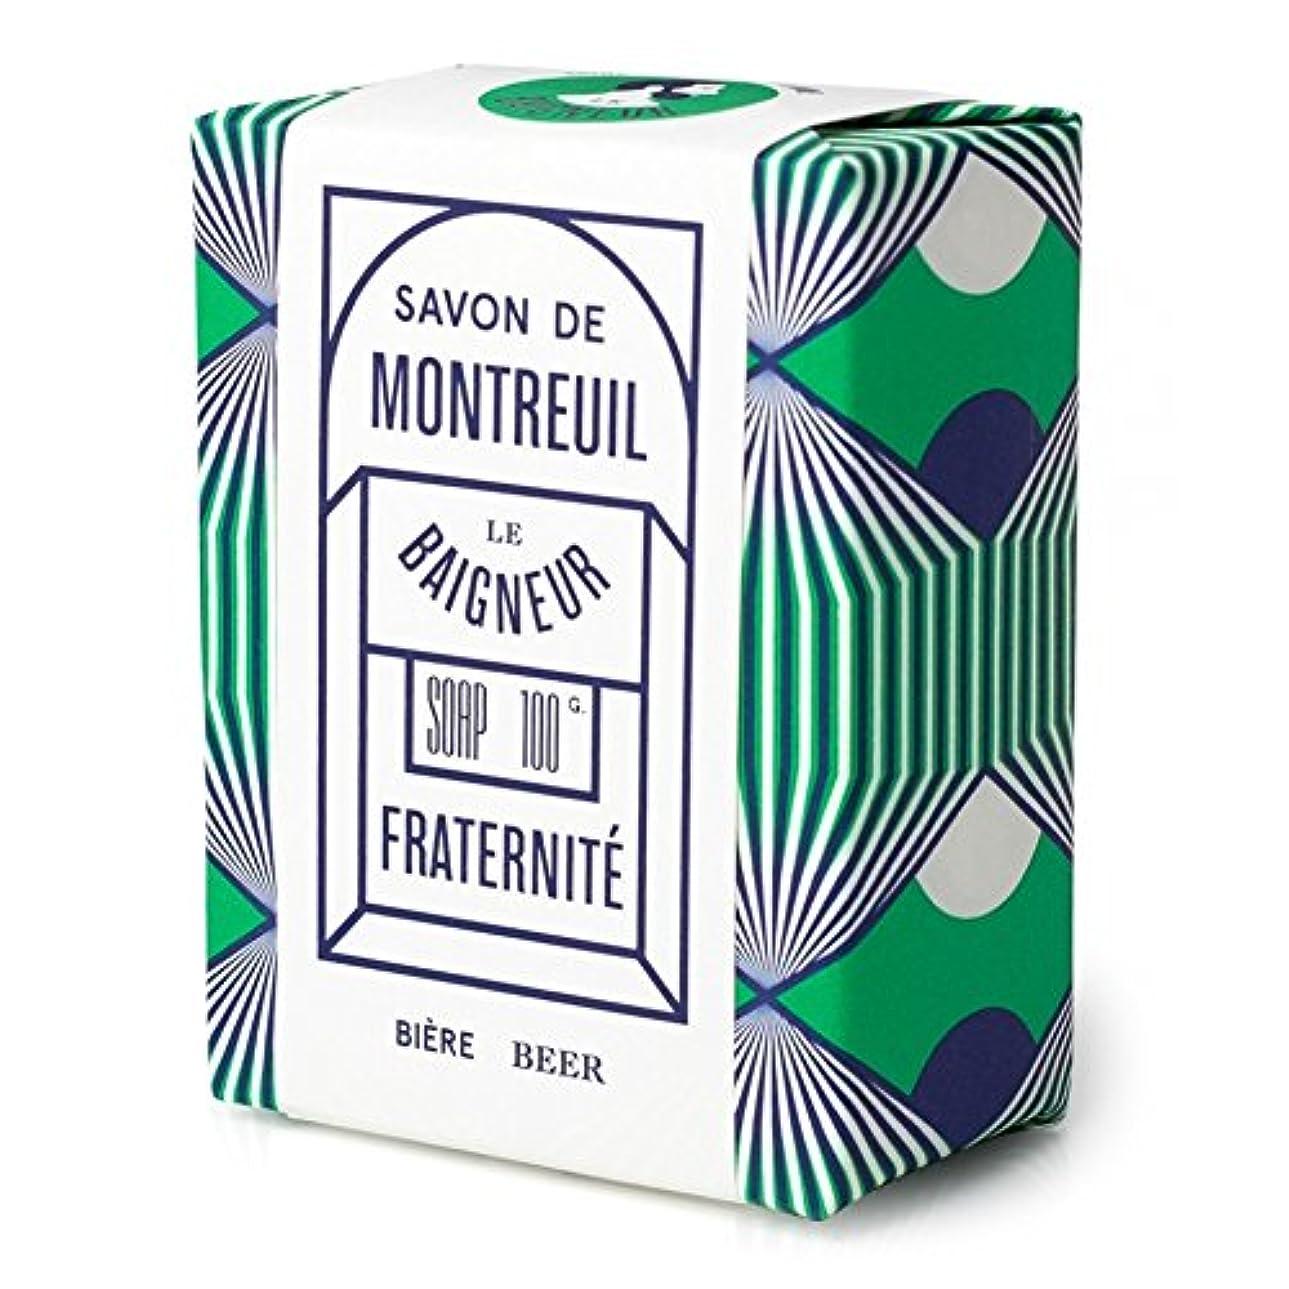 クラシカル政治的同封するル 石鹸100グラム x4 - Le Baigneur Fraternite Soap 100g (Pack of 4) [並行輸入品]